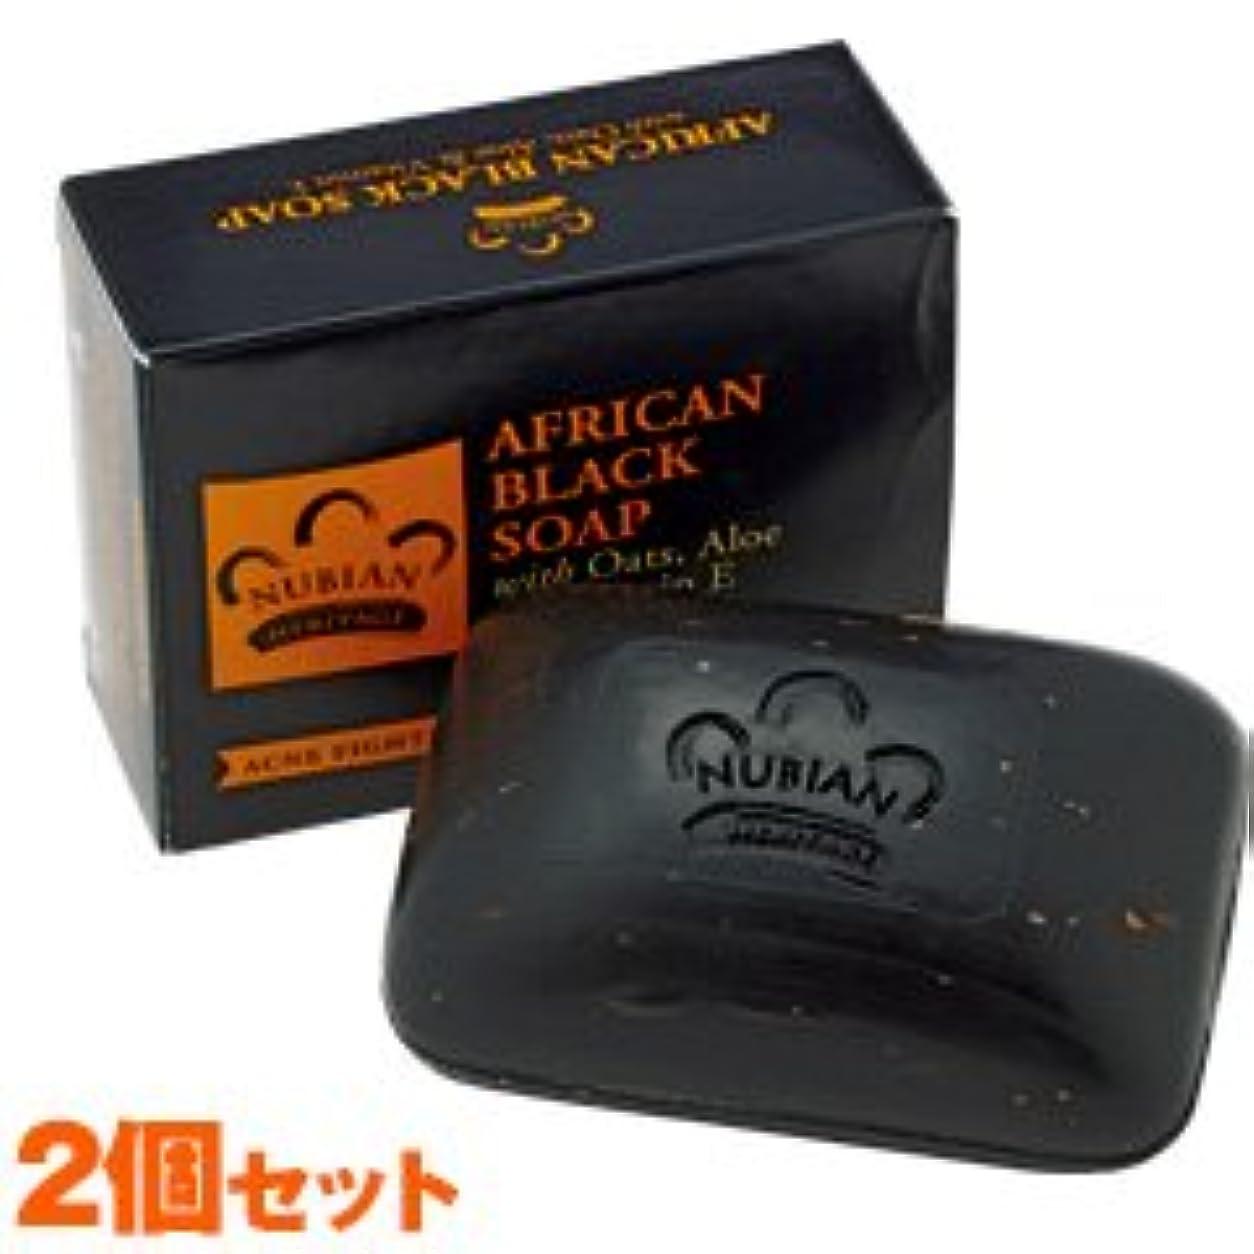 報告書ウォーターフロント儀式ヌビアン ヘリテージ(NUBIAN HERITAGE)アフリカン ブラック ソープバー 2個セット 141gX2[並行輸入品][海外直送品]